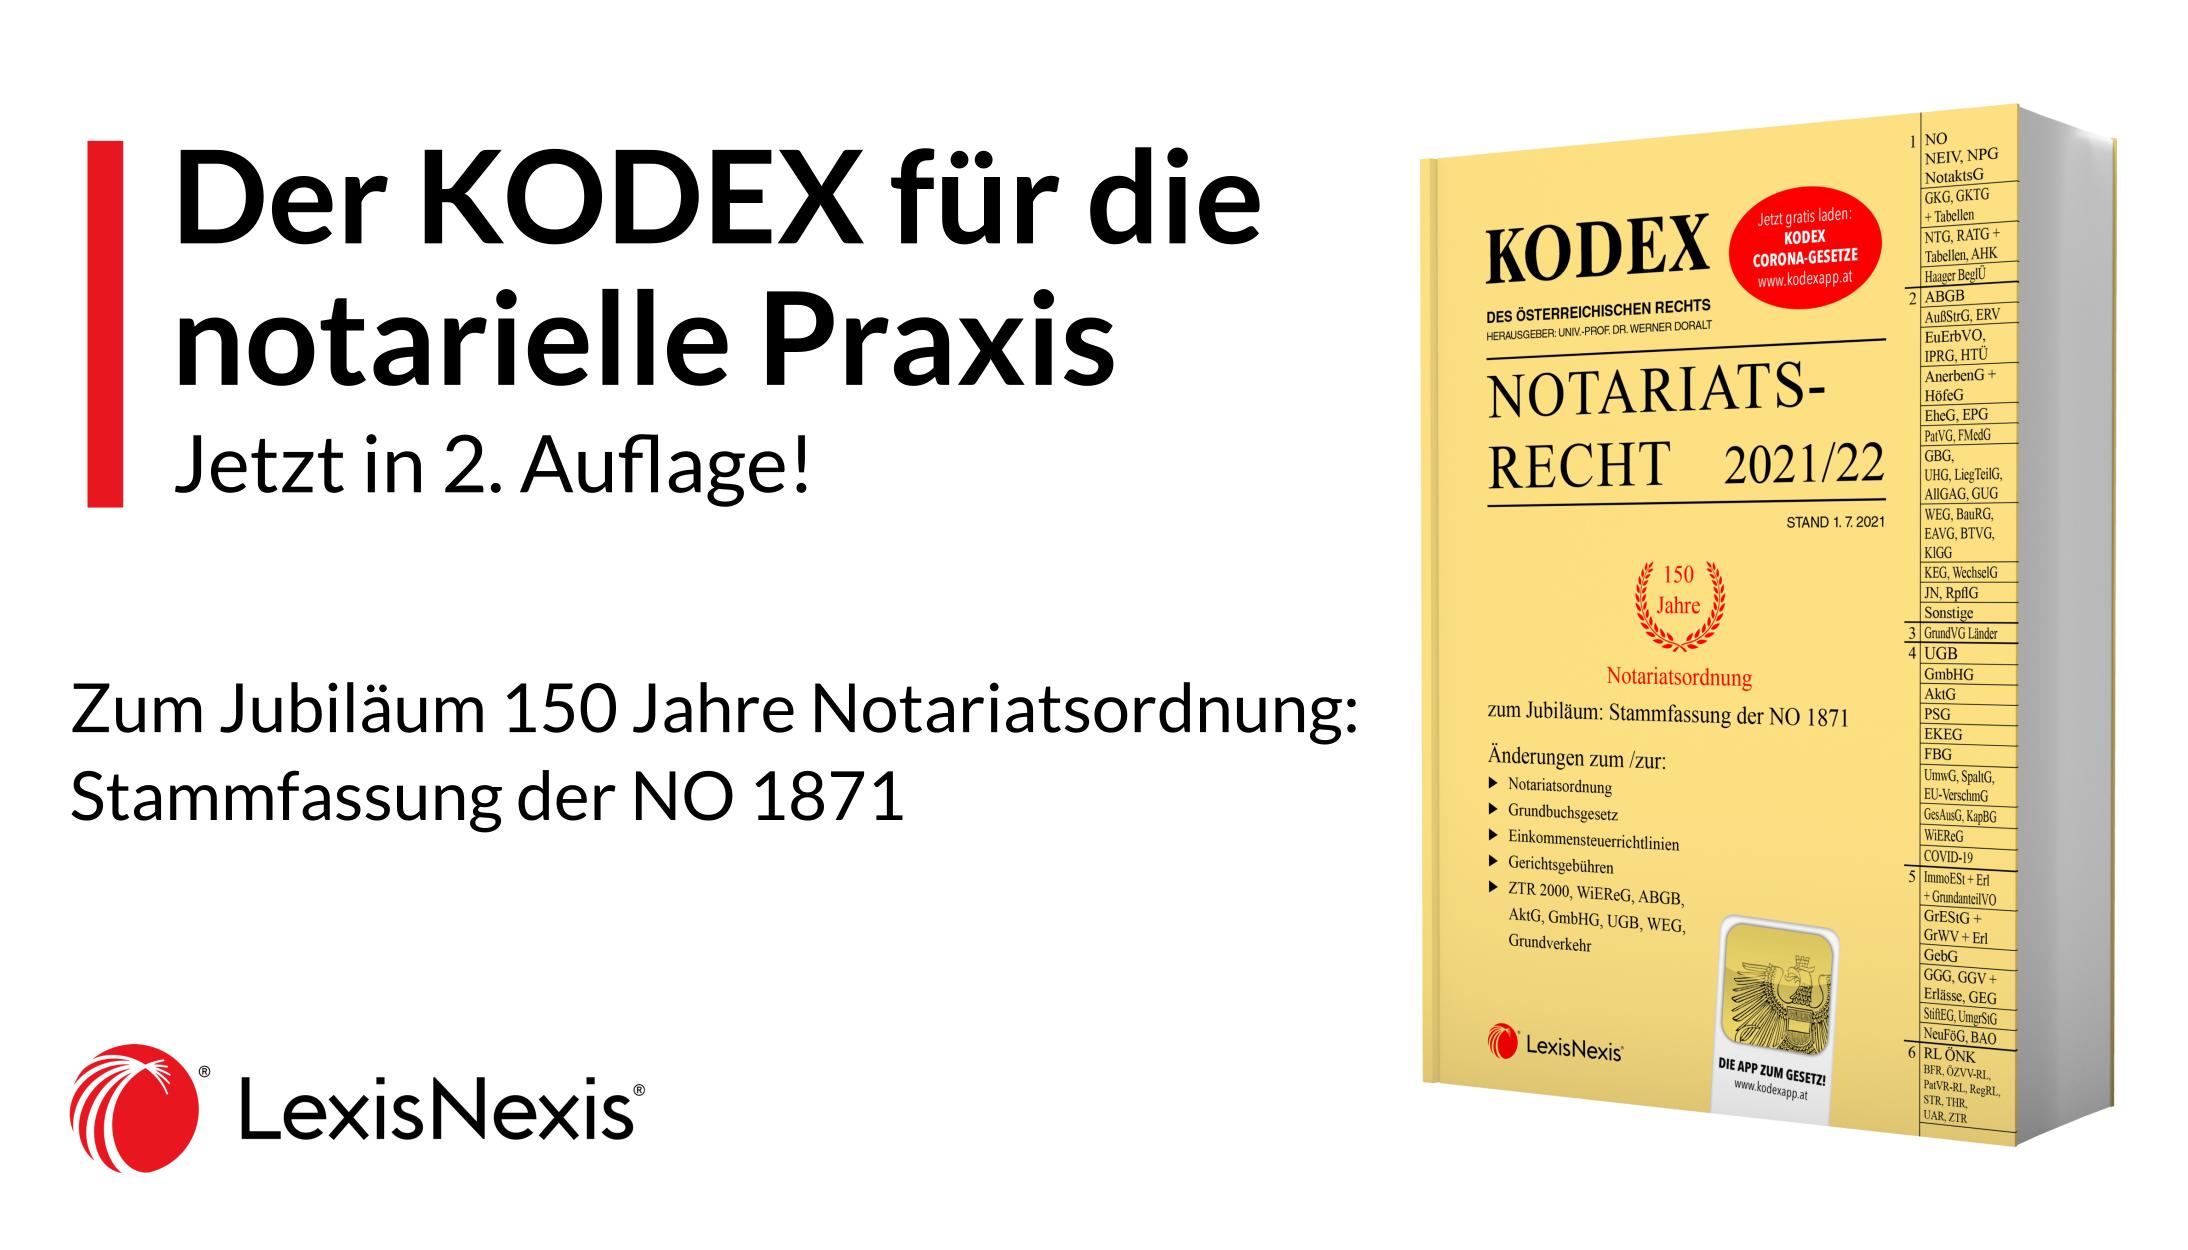 KODEX Notariatsrecht